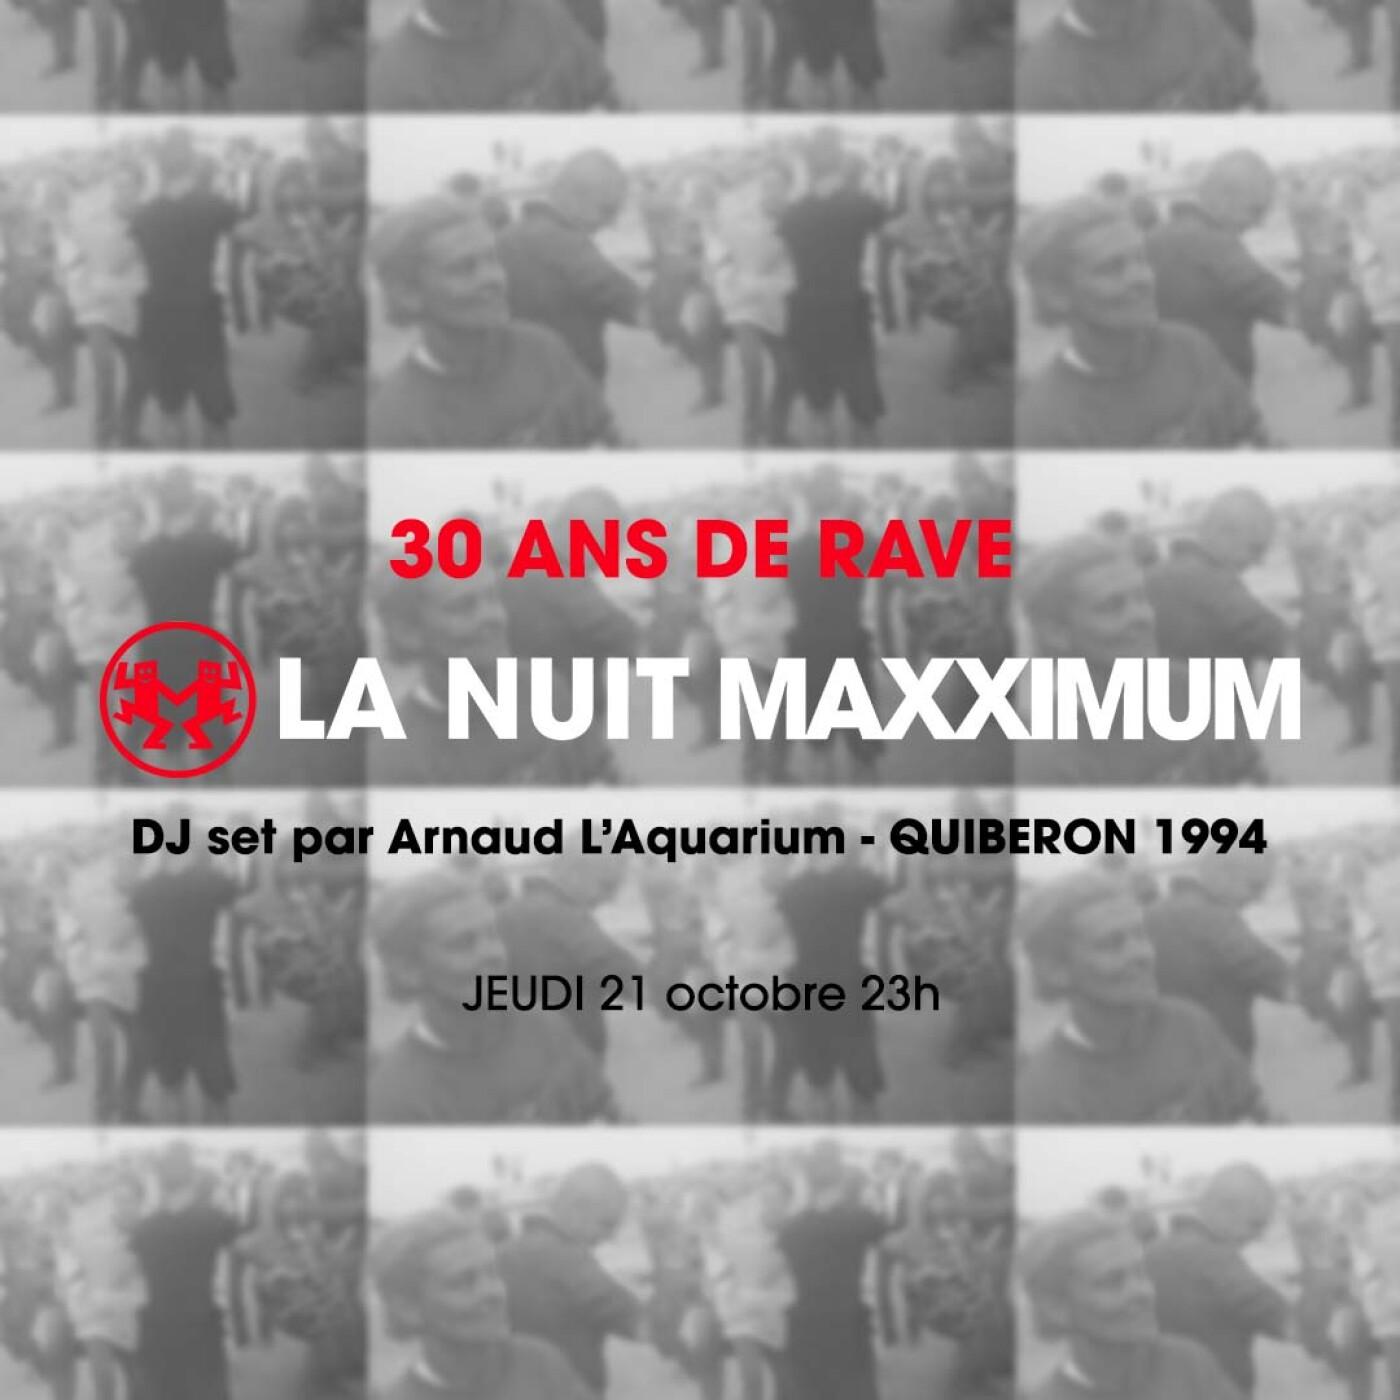 LA NUIT MAXXIMUM SUR FG : 30 ANS DE RAVE PARTY